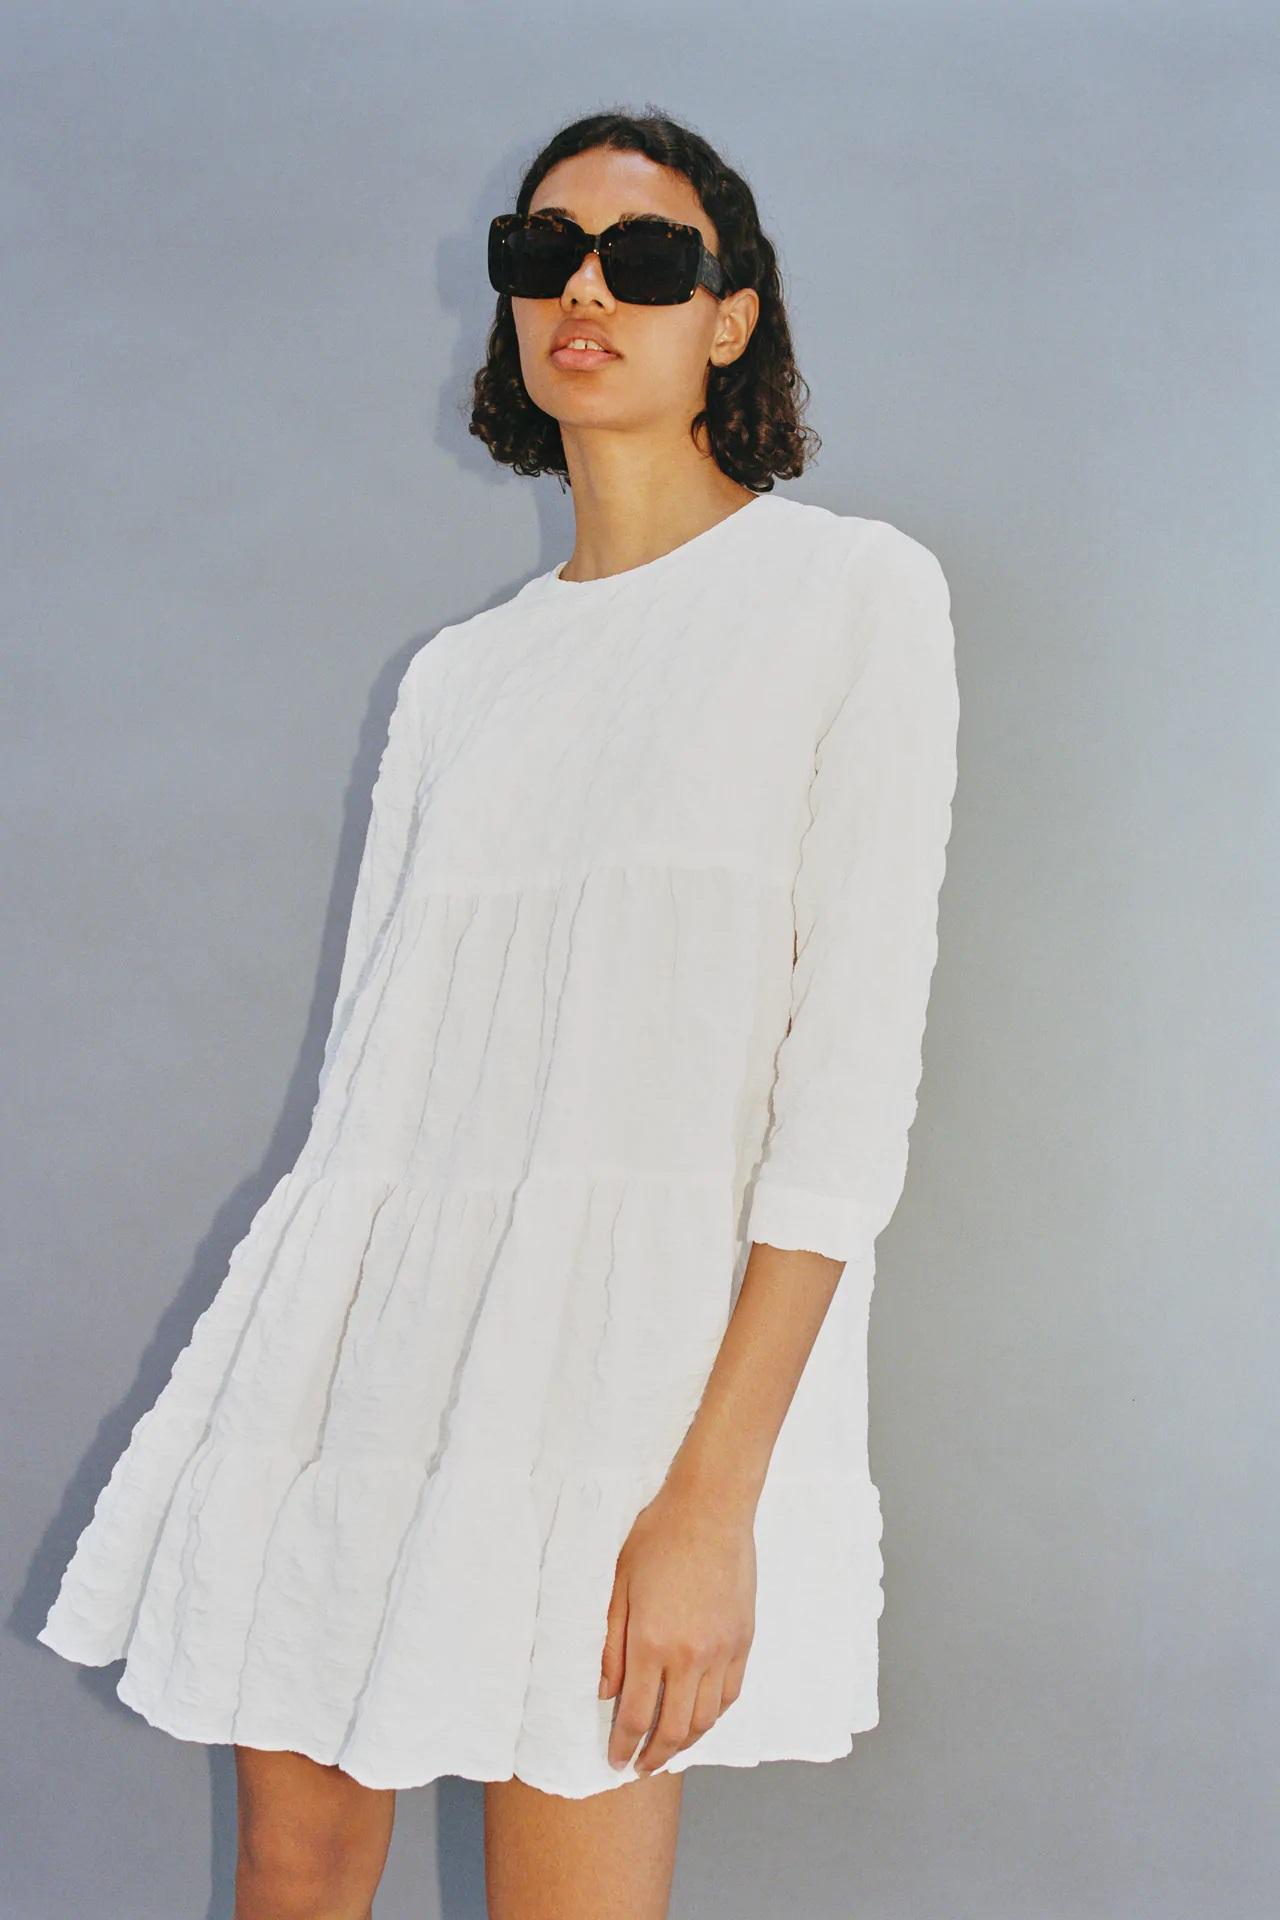 La infanta Sofía hace que se agote este vestido blanco de Zara